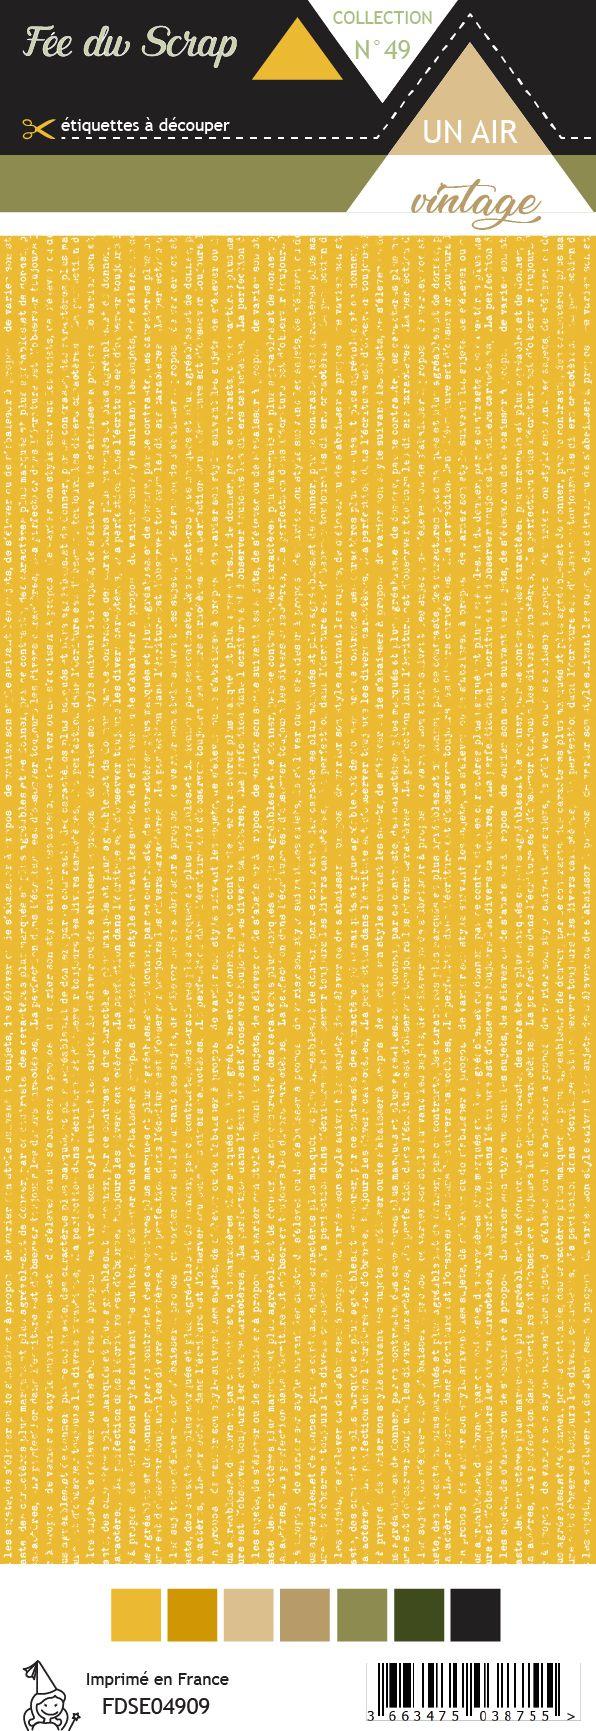 Etiquette un air vintage - Texte usé fond jaune